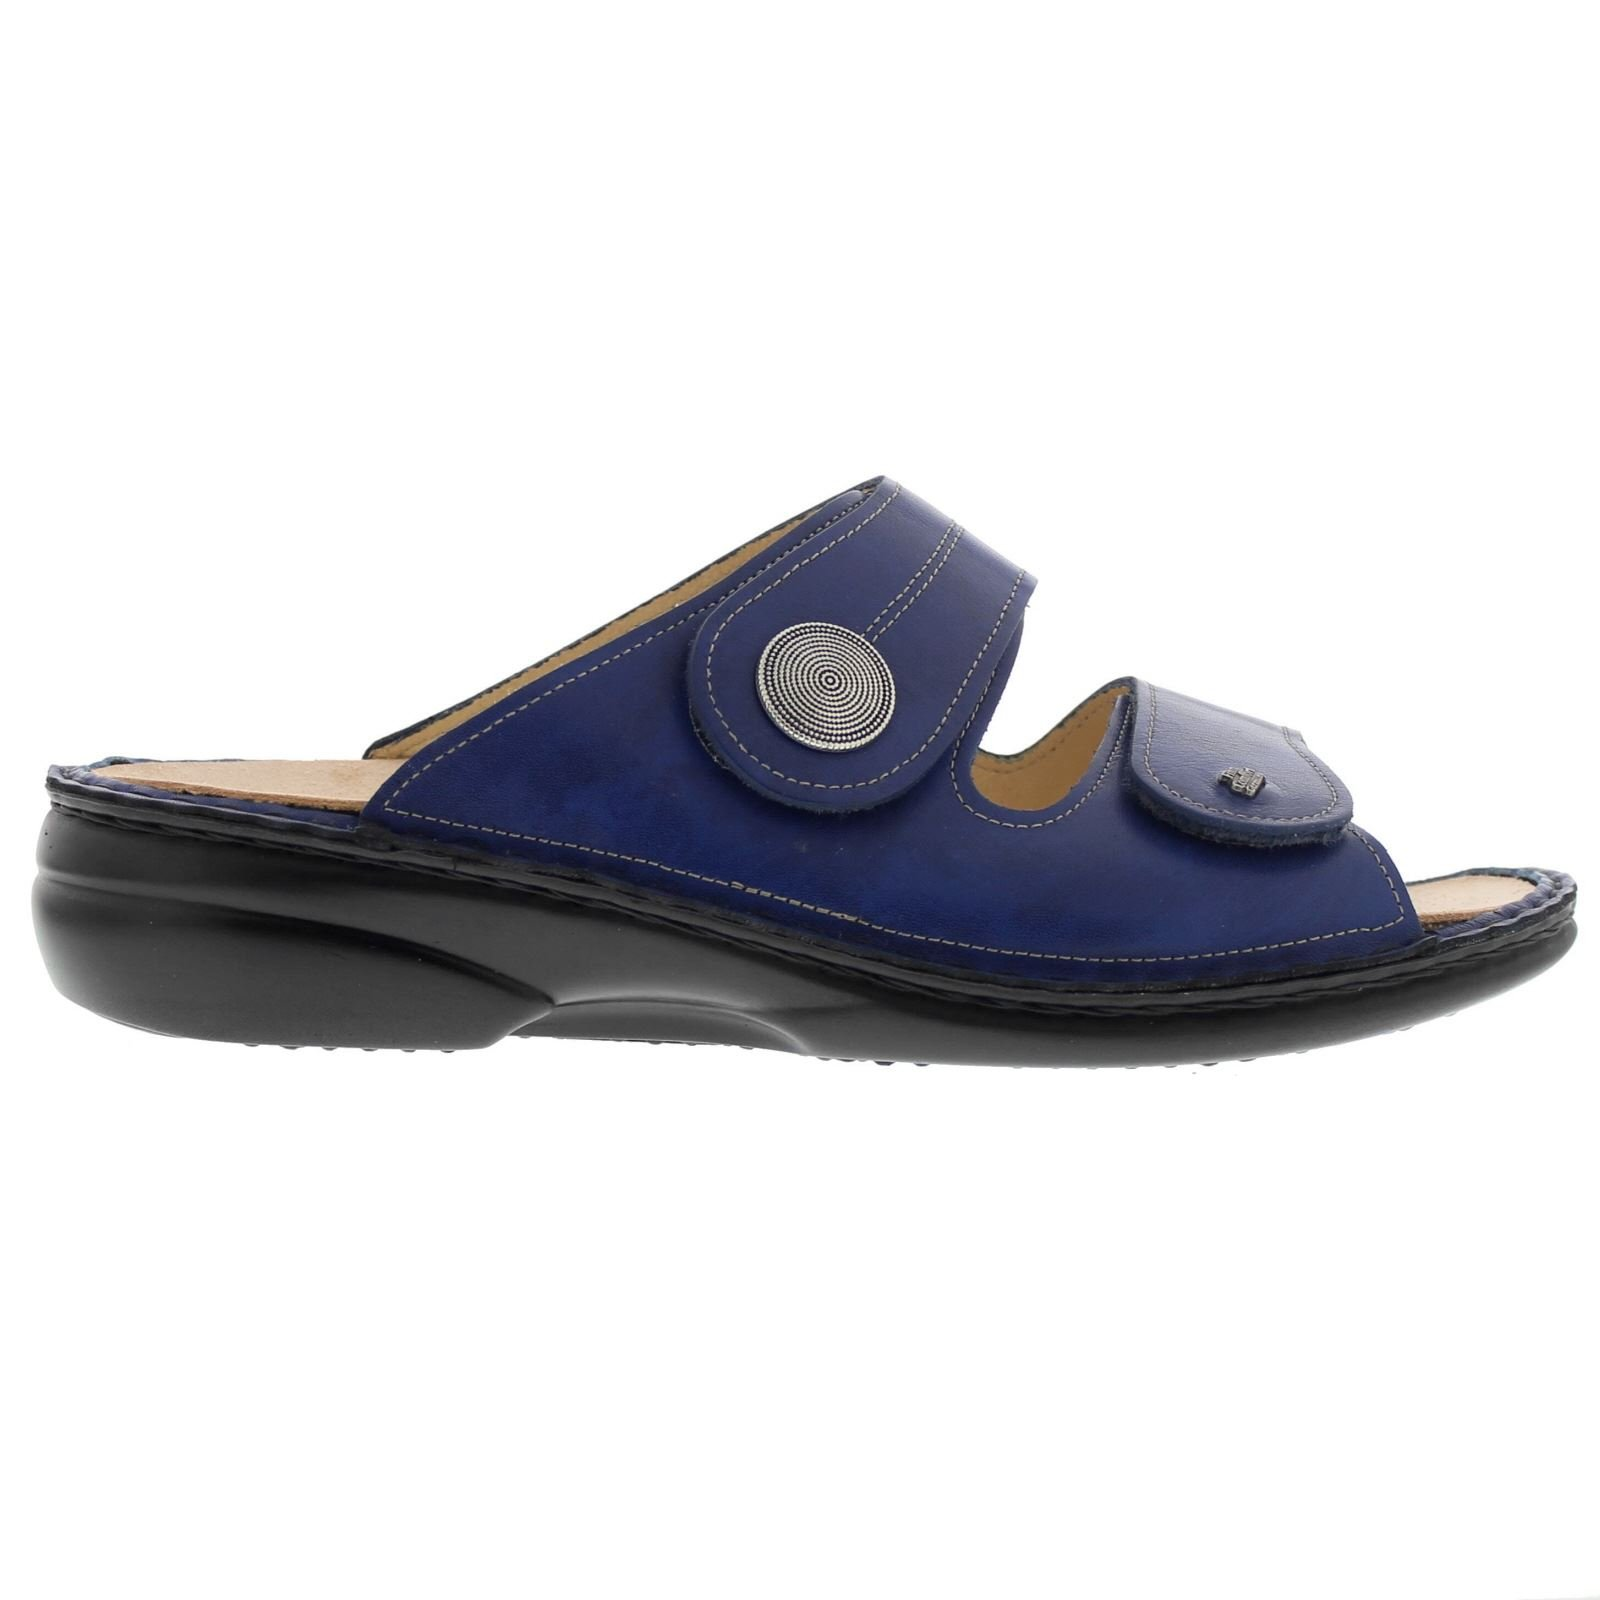 Finn Comfort Womens 2550 Sansibar Missouri Blue Leather Sandals 40 EU